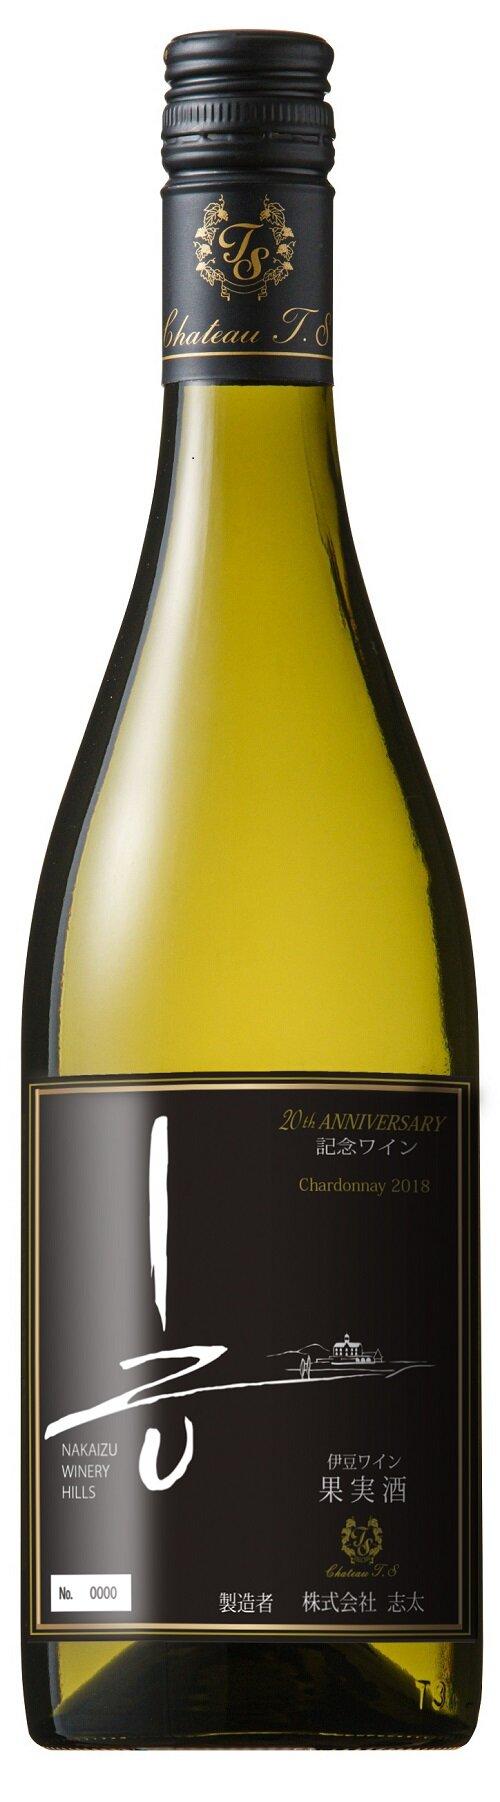 記念ワイン「シャトーT.S 20周年記念ワイン シャルドネ」